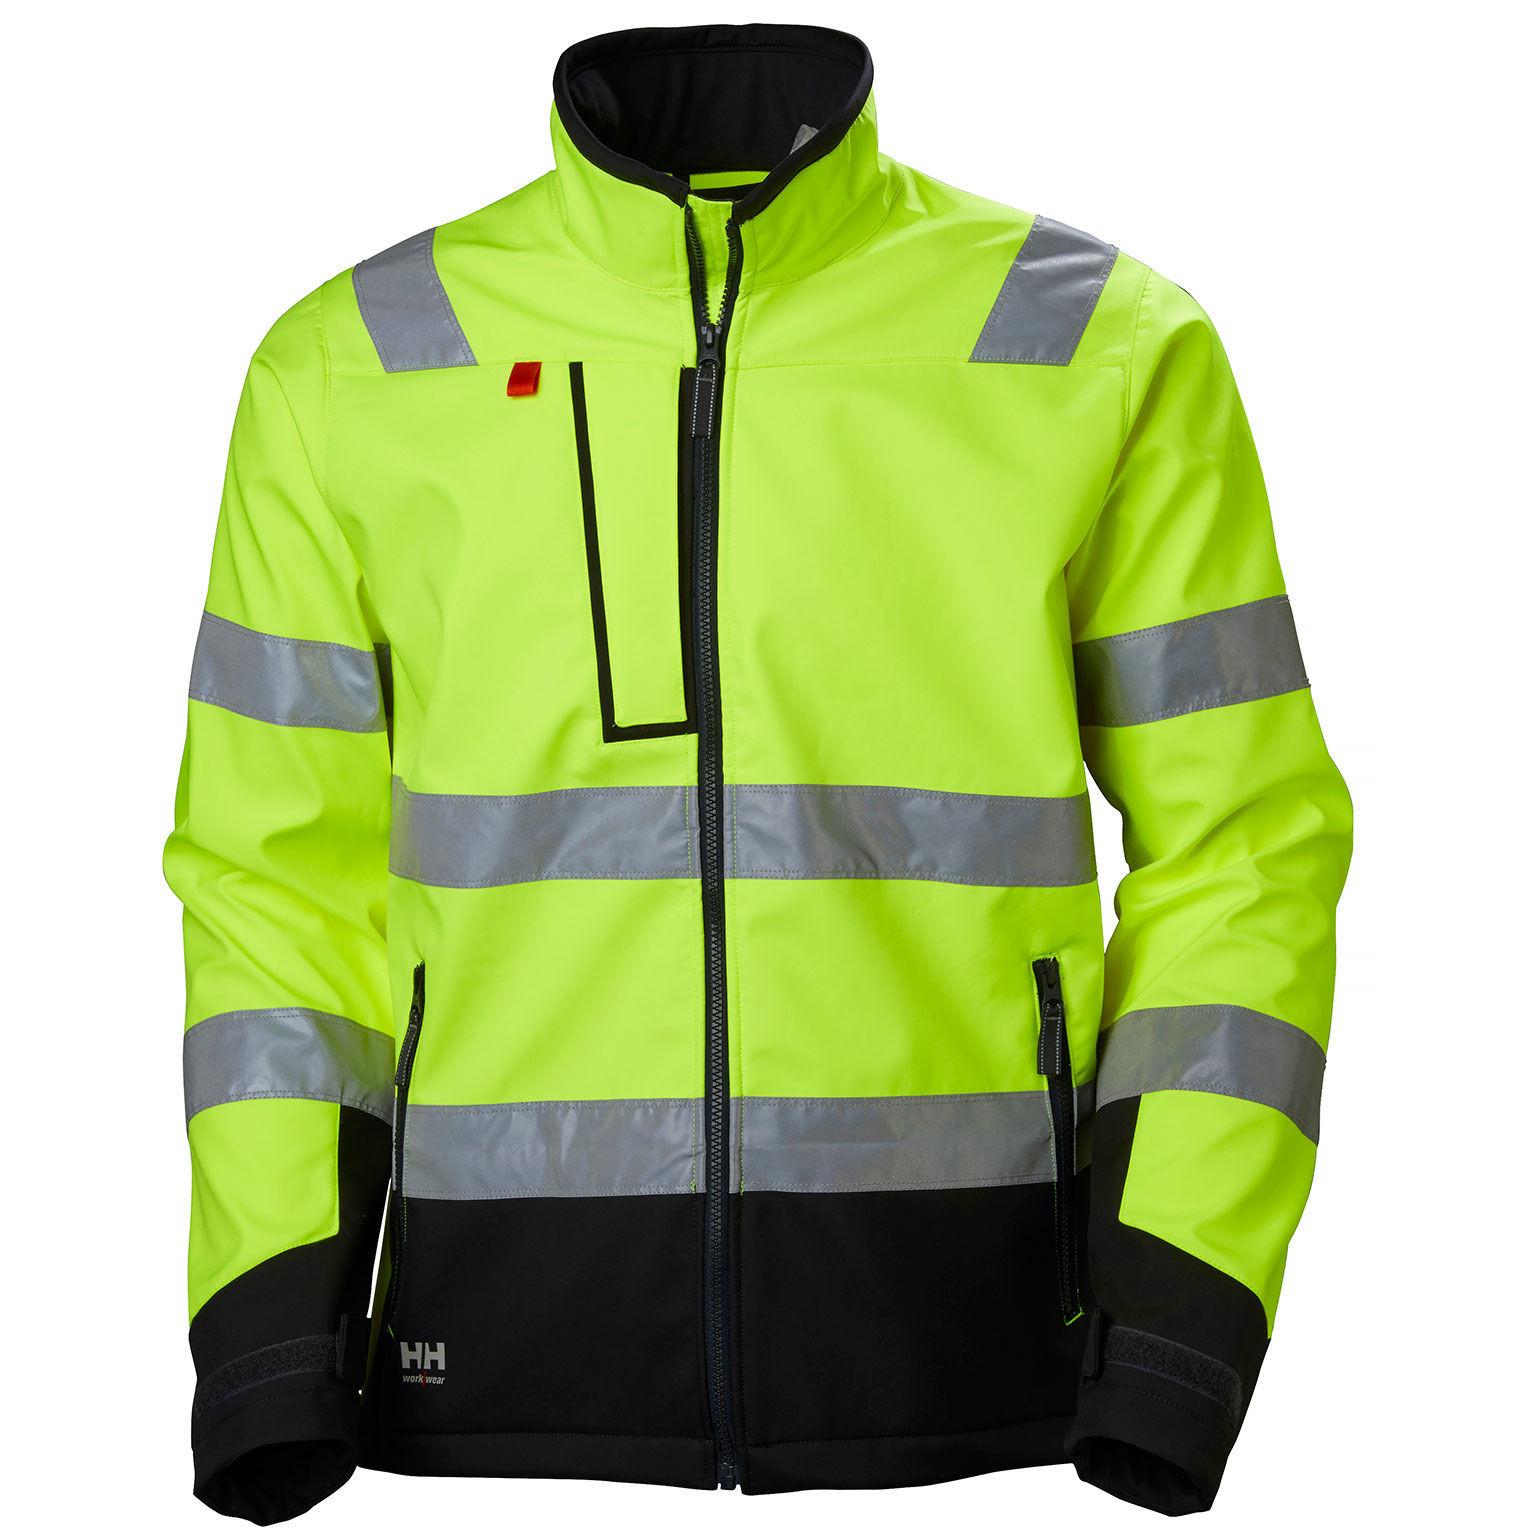 Куртка Helly Hansen Alna Softshell Jacket - 74094 (Yellow / Ebony; L)